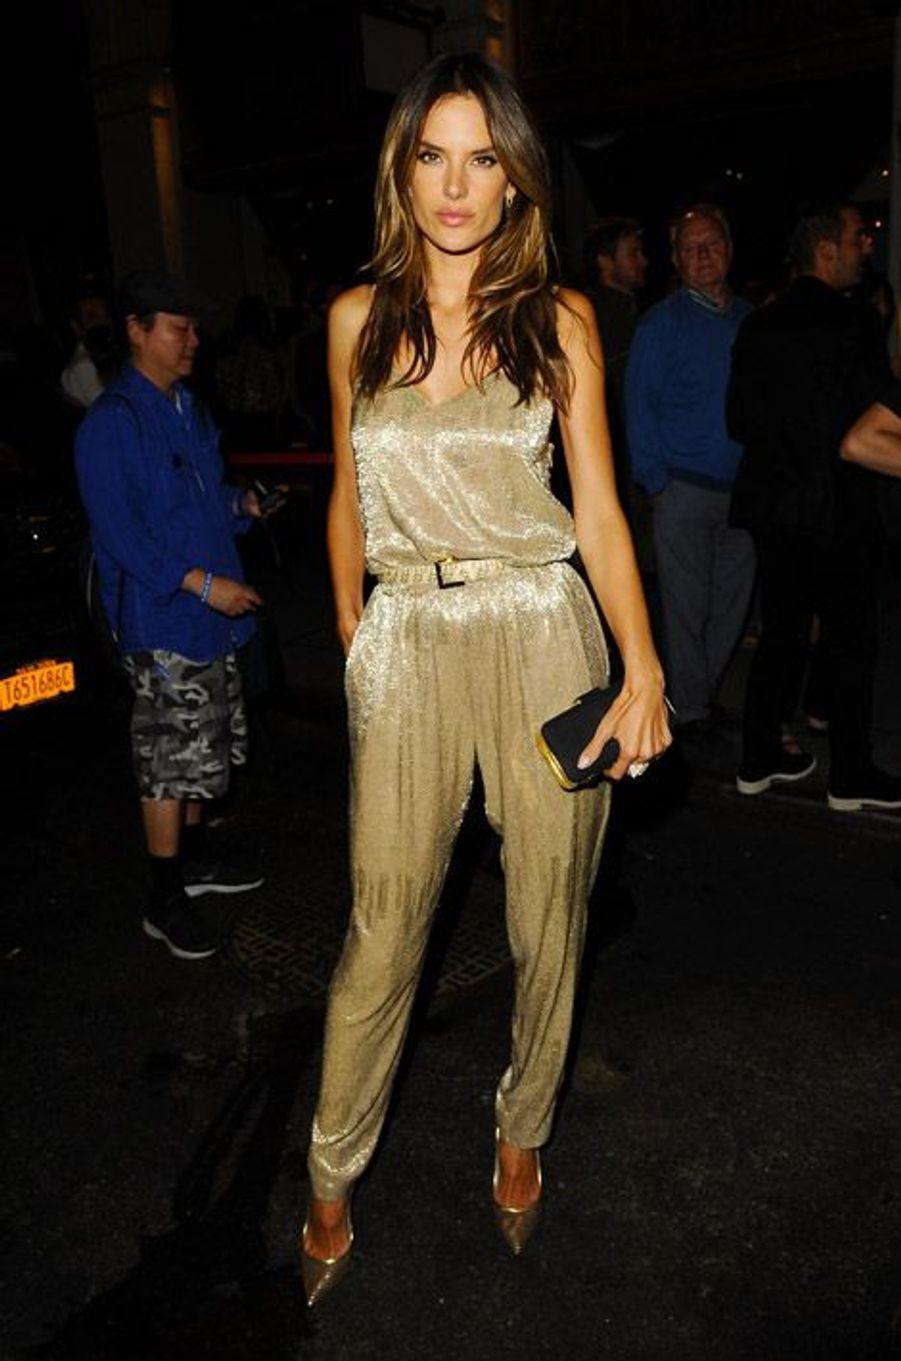 Le top model brésilien Alessandra Ambrosio en Houghton pour célébrer les 20 ans du magazine InStyle à New York, le 8 septembre 2014